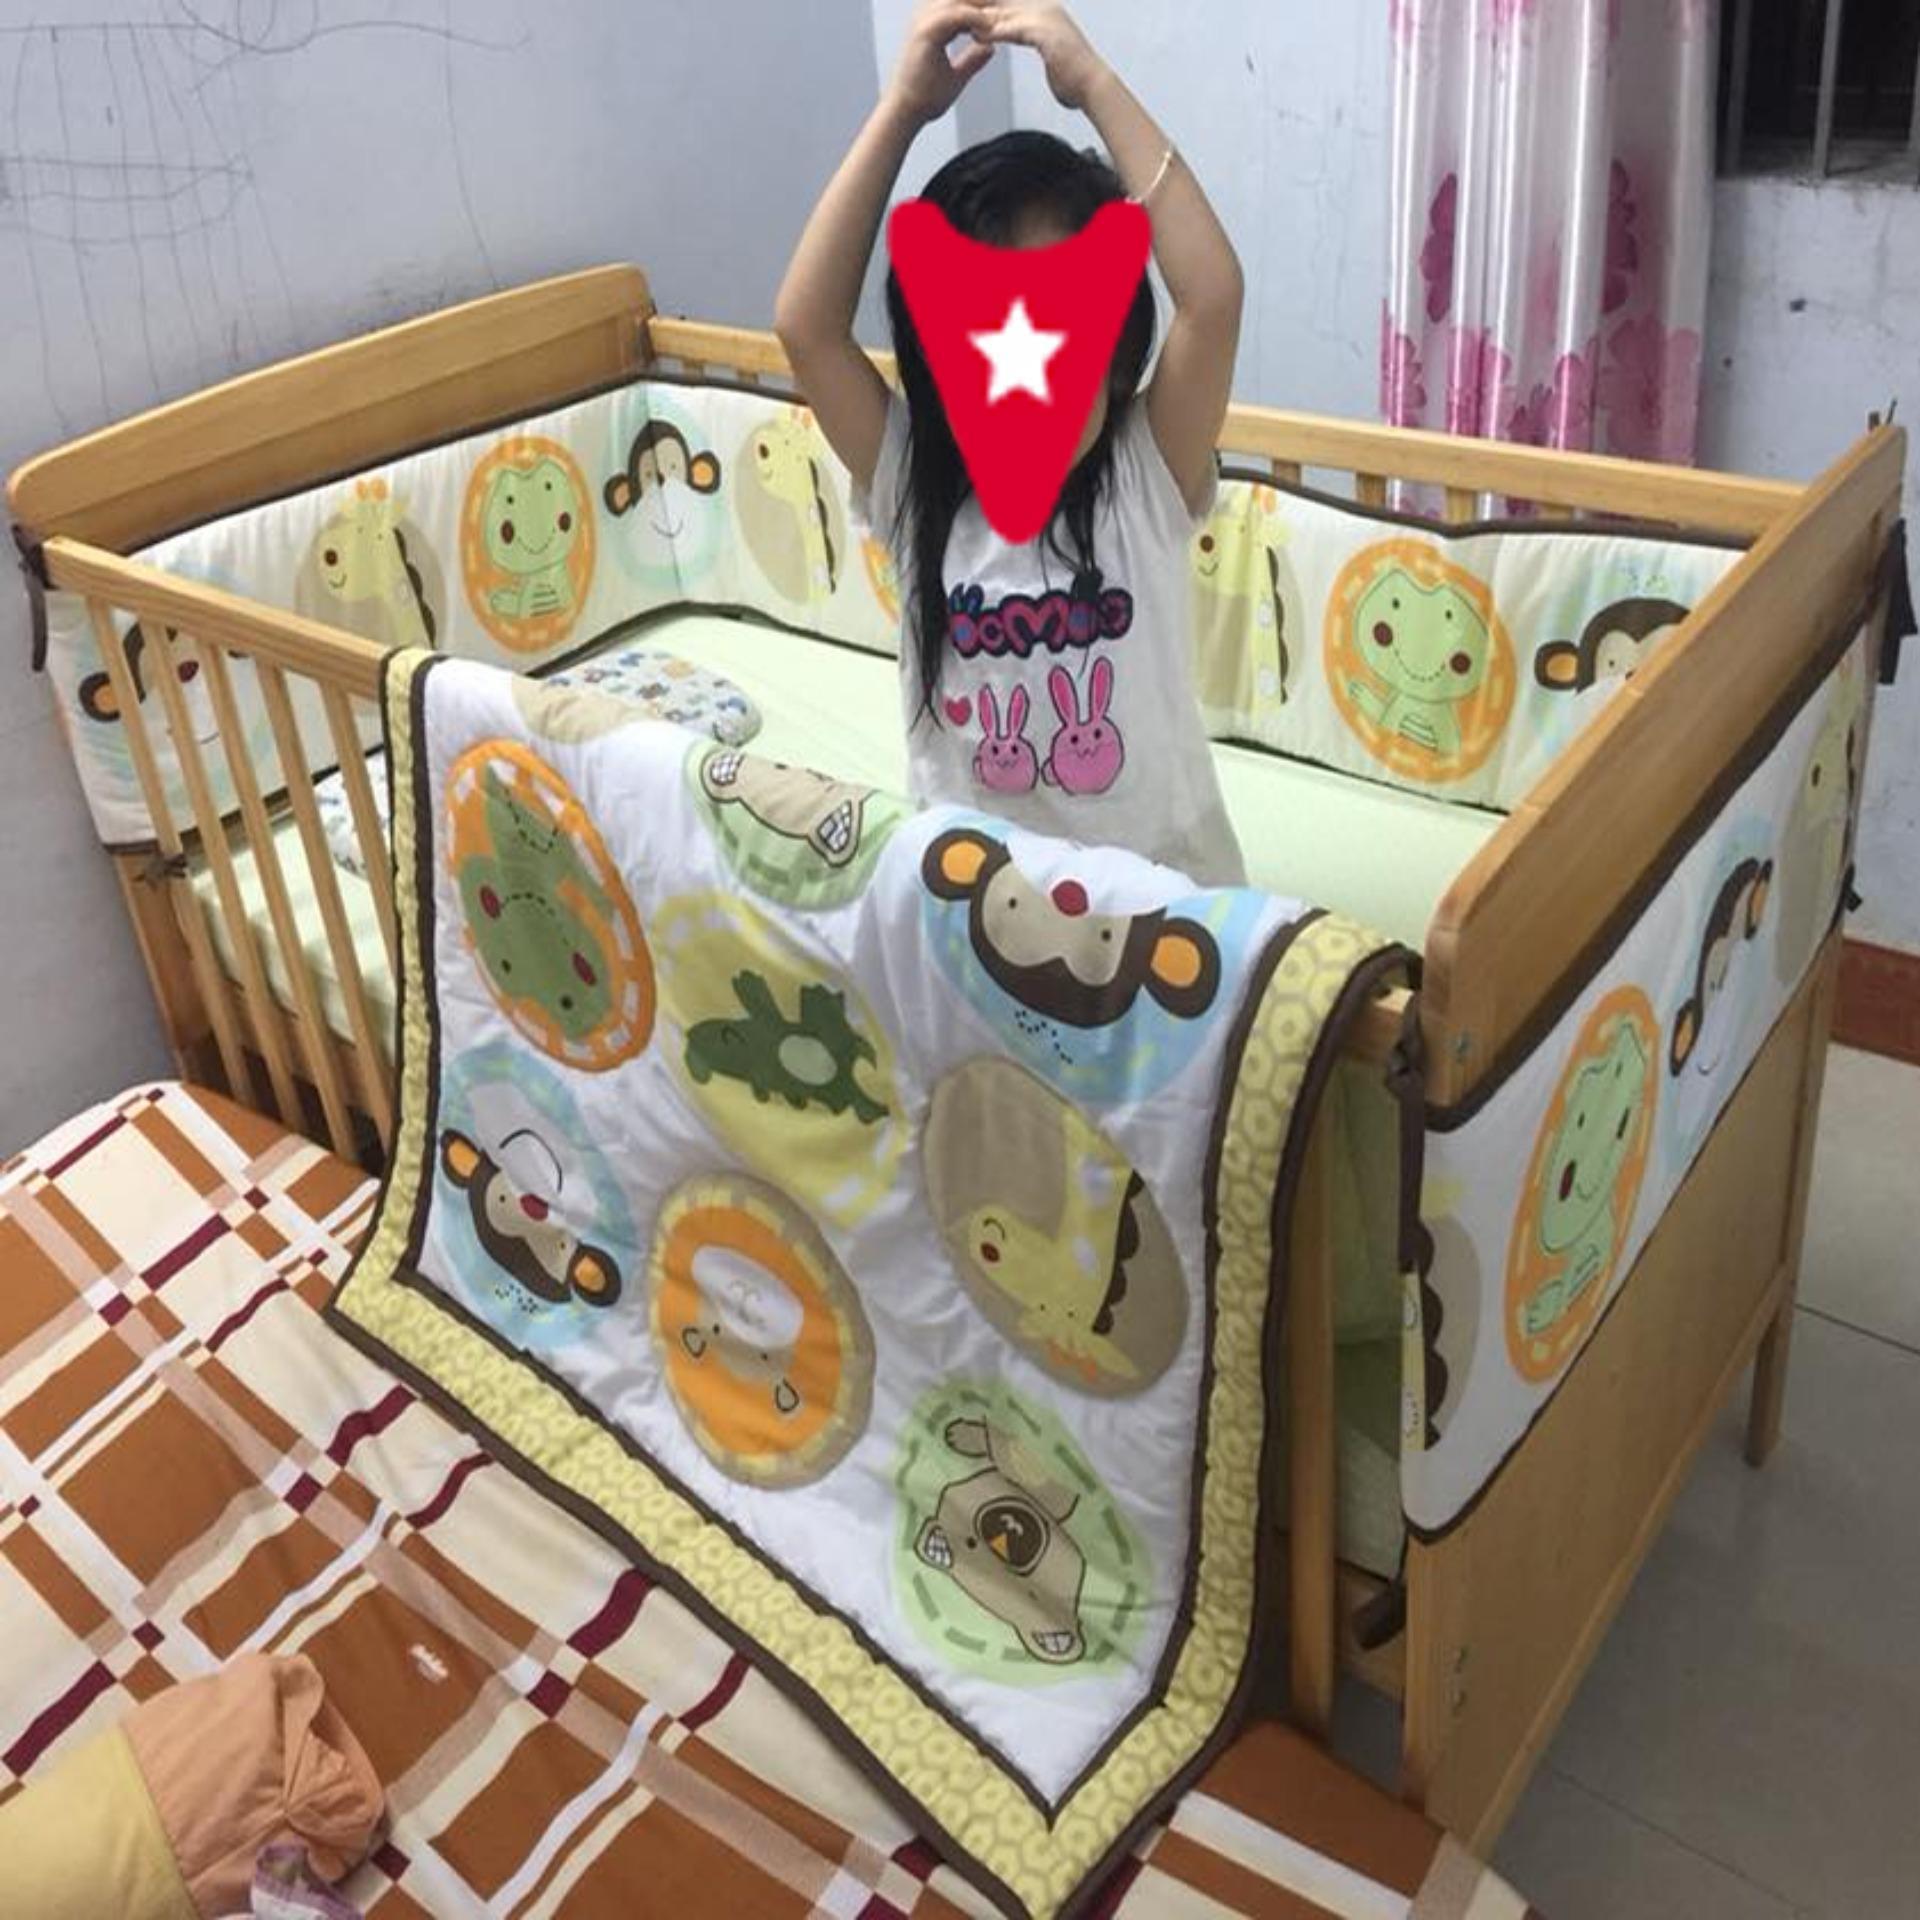 Cũi trẻ em 3 trong 1 Marlow màu gỗ tự nhiên - Mẹ Vì Bé Nhật Bản